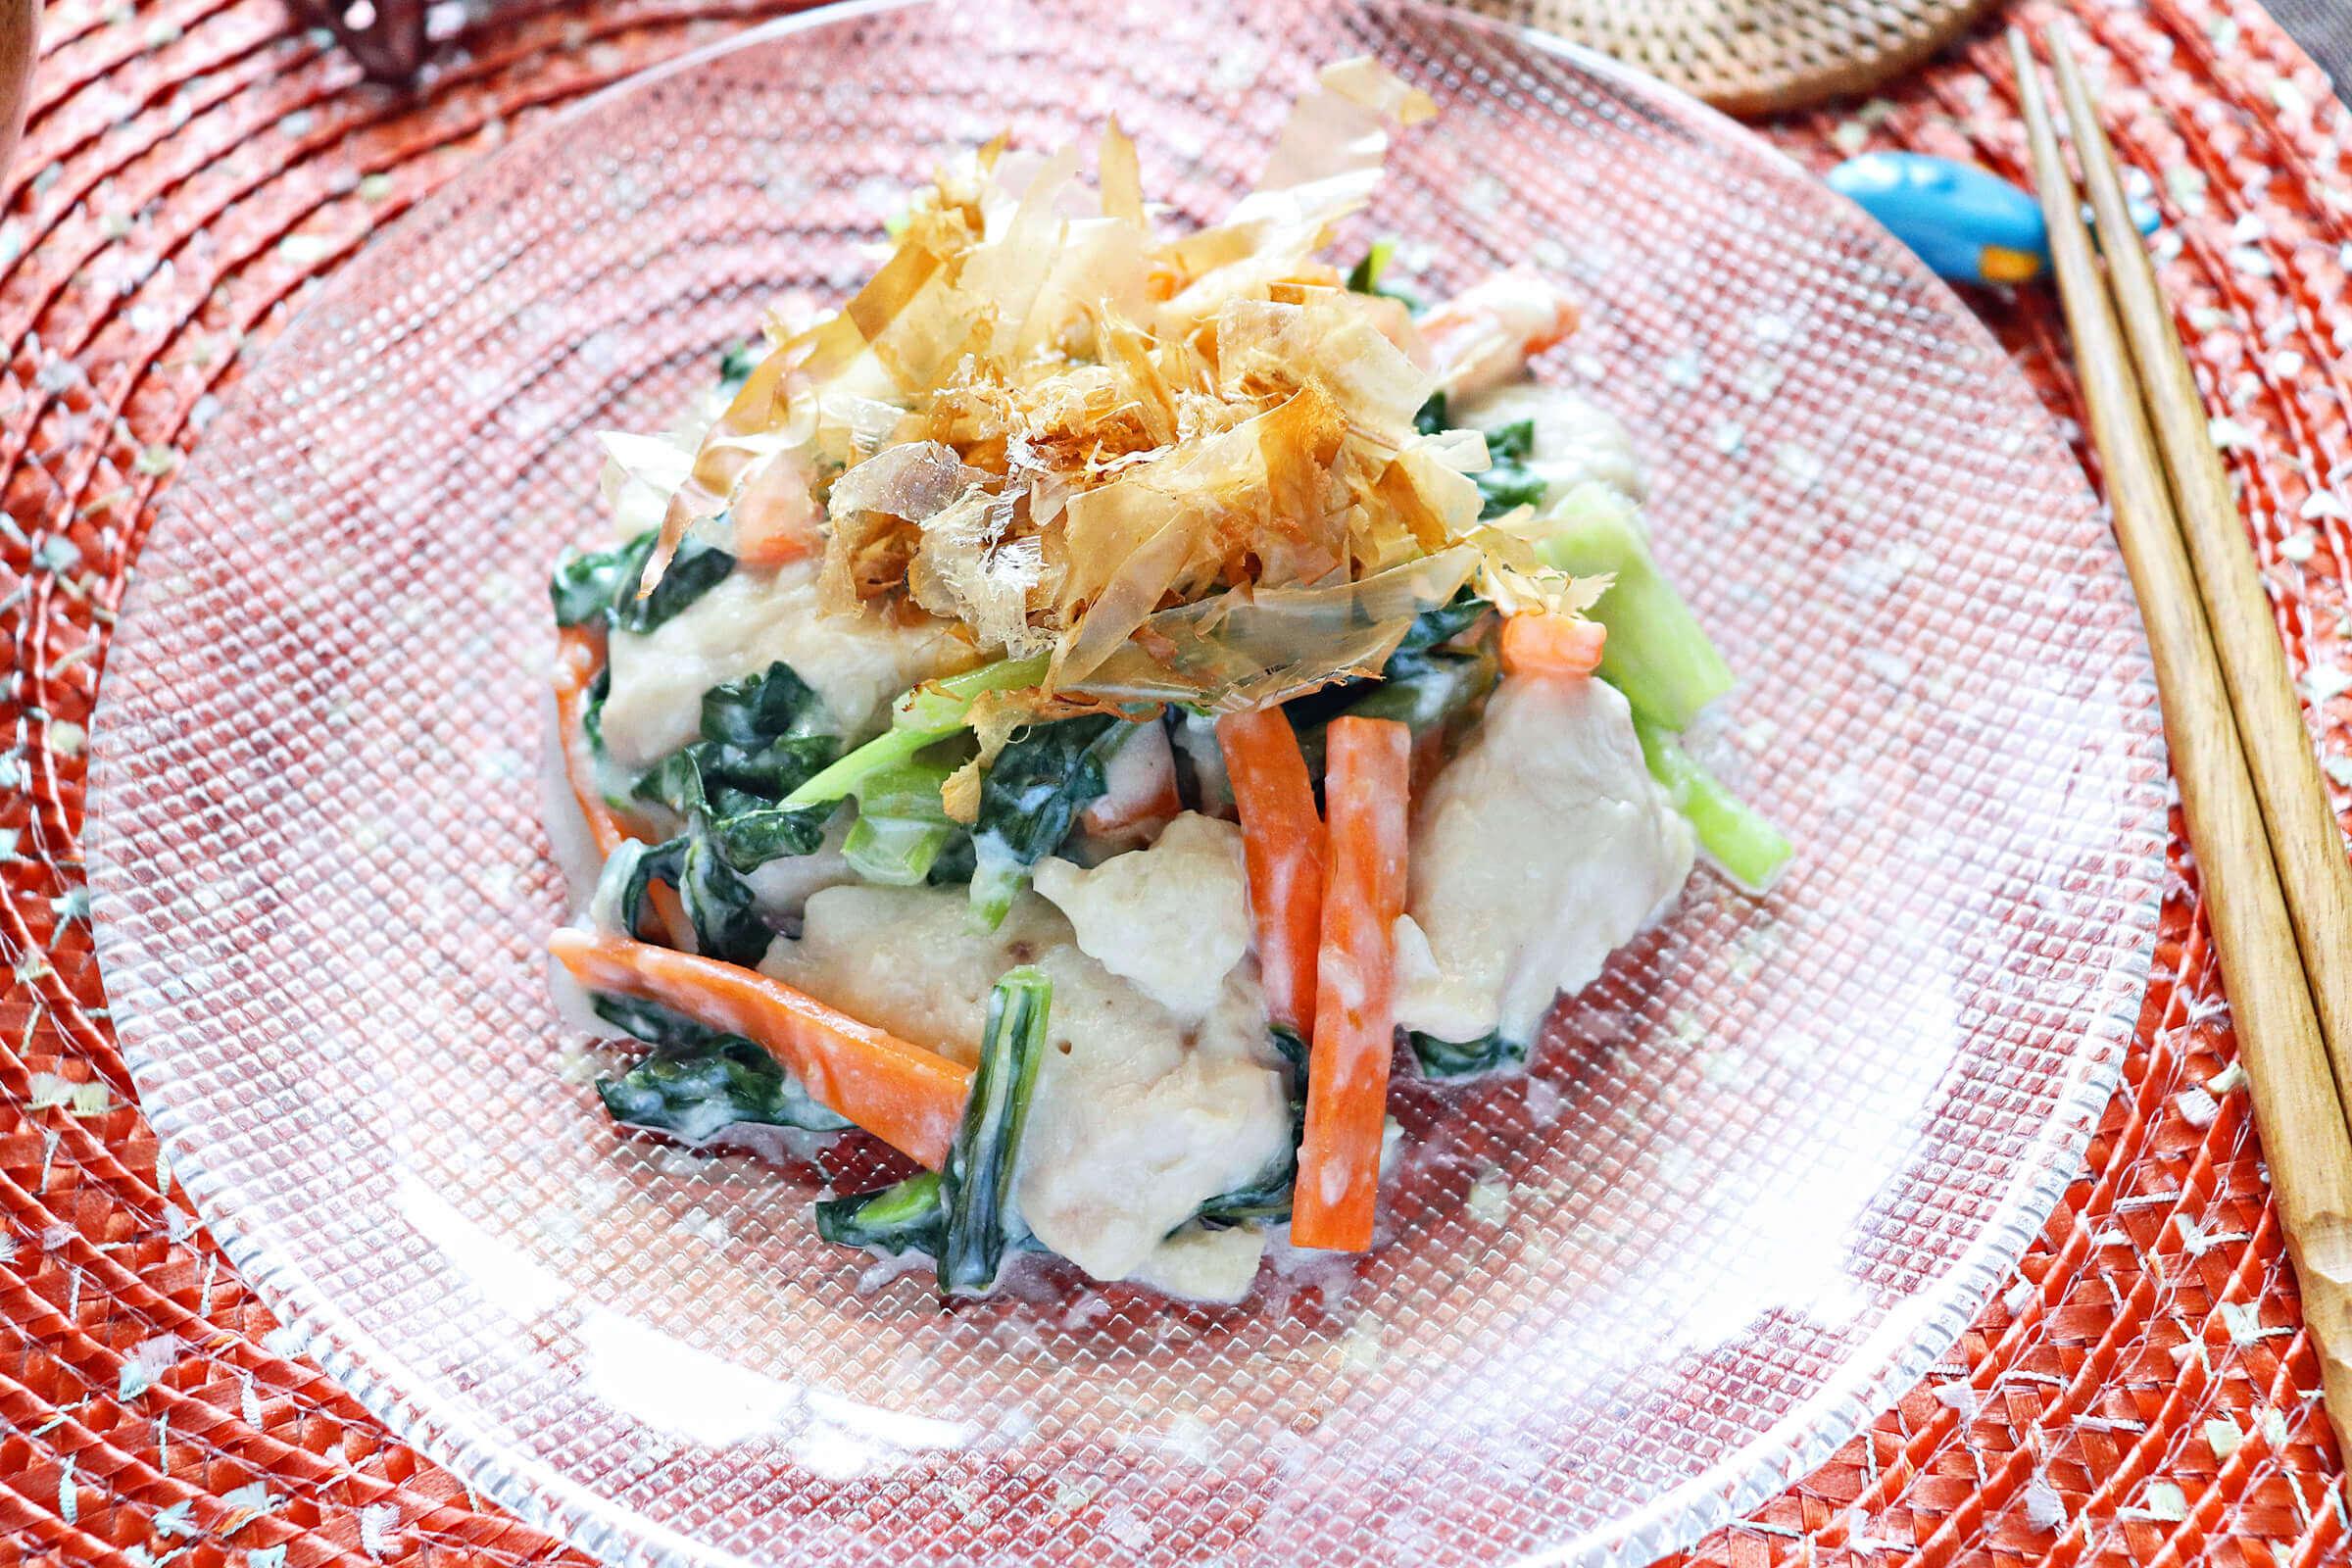 鶏胸肉と小松菜のレンチンからしマヨネーズ和え